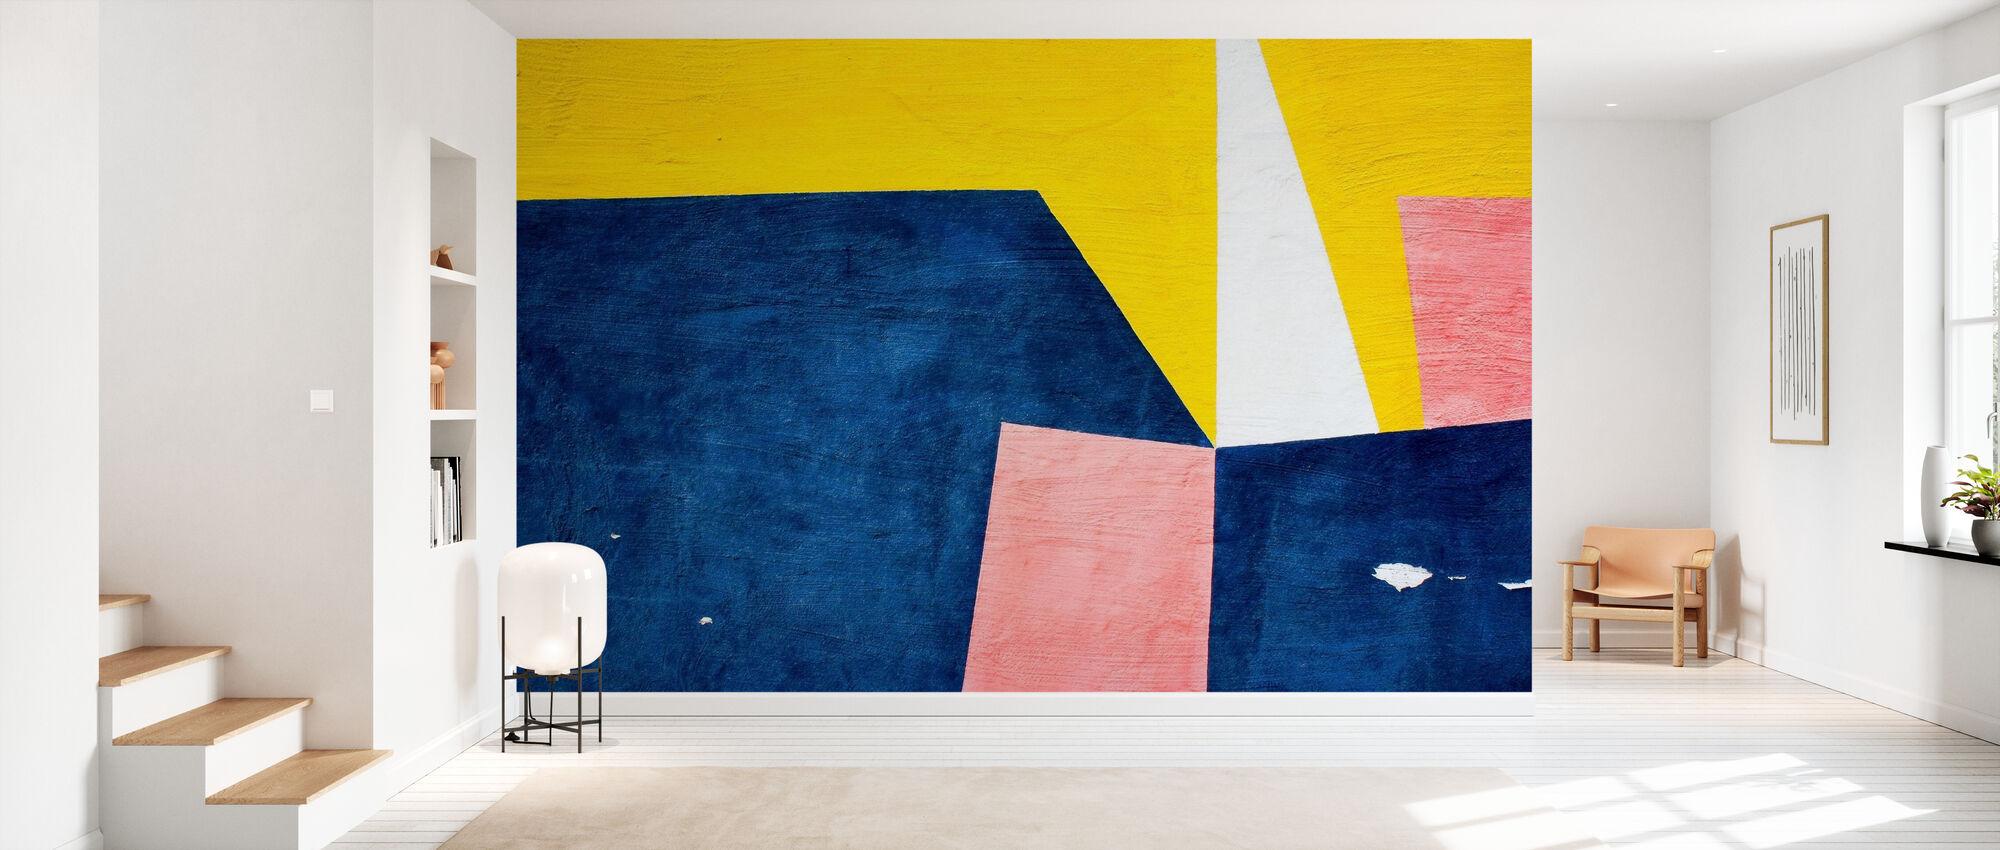 Värikäs seinätaide - Tapetti - Aula